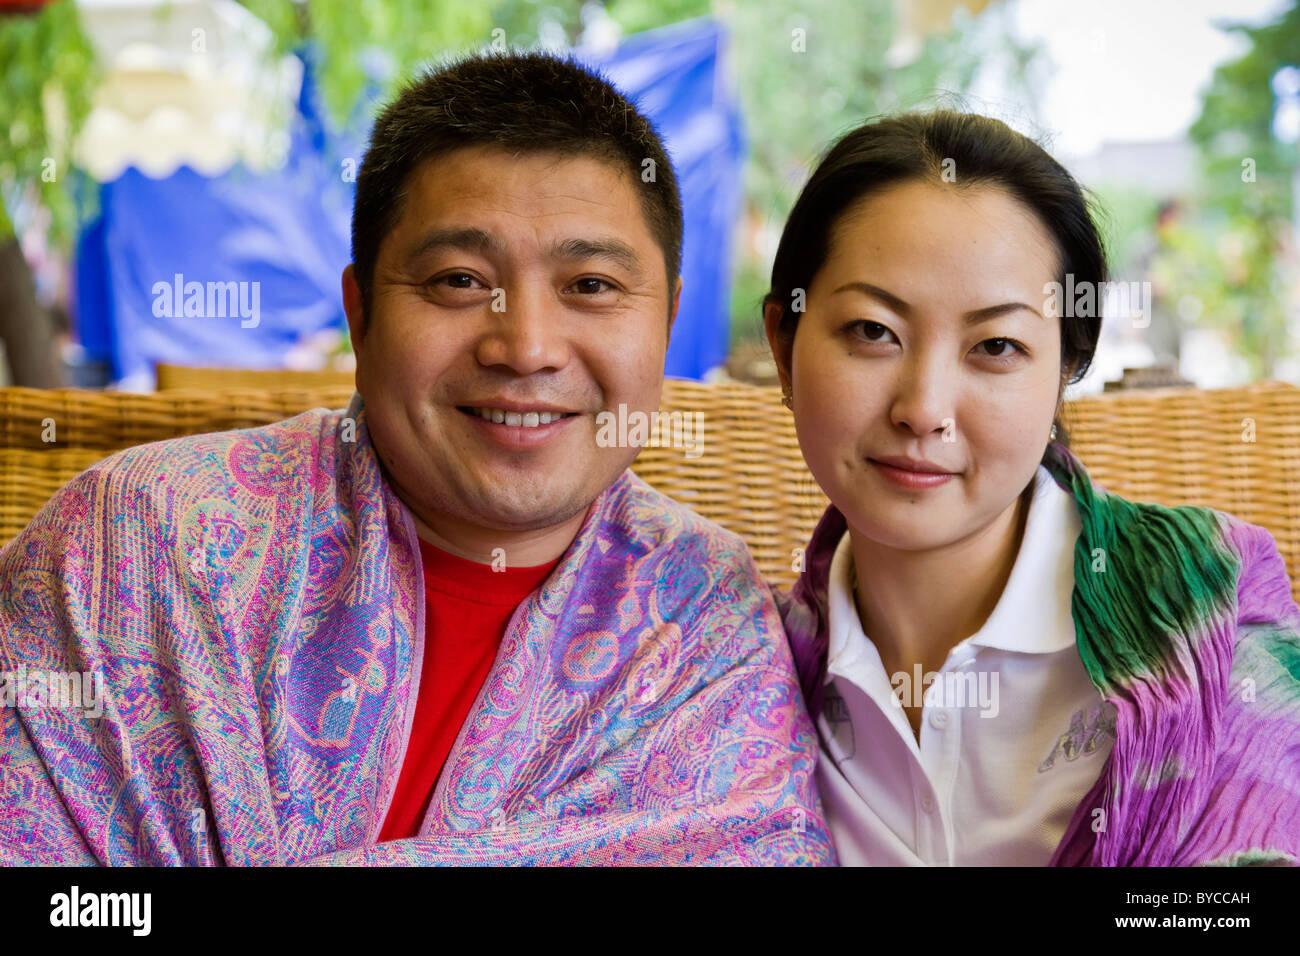 Robuste chinesischer Mann mit schönen jungen Frau mit traditionellen glatt Porzellan Puppe Teint. JMH4742 Stockbild